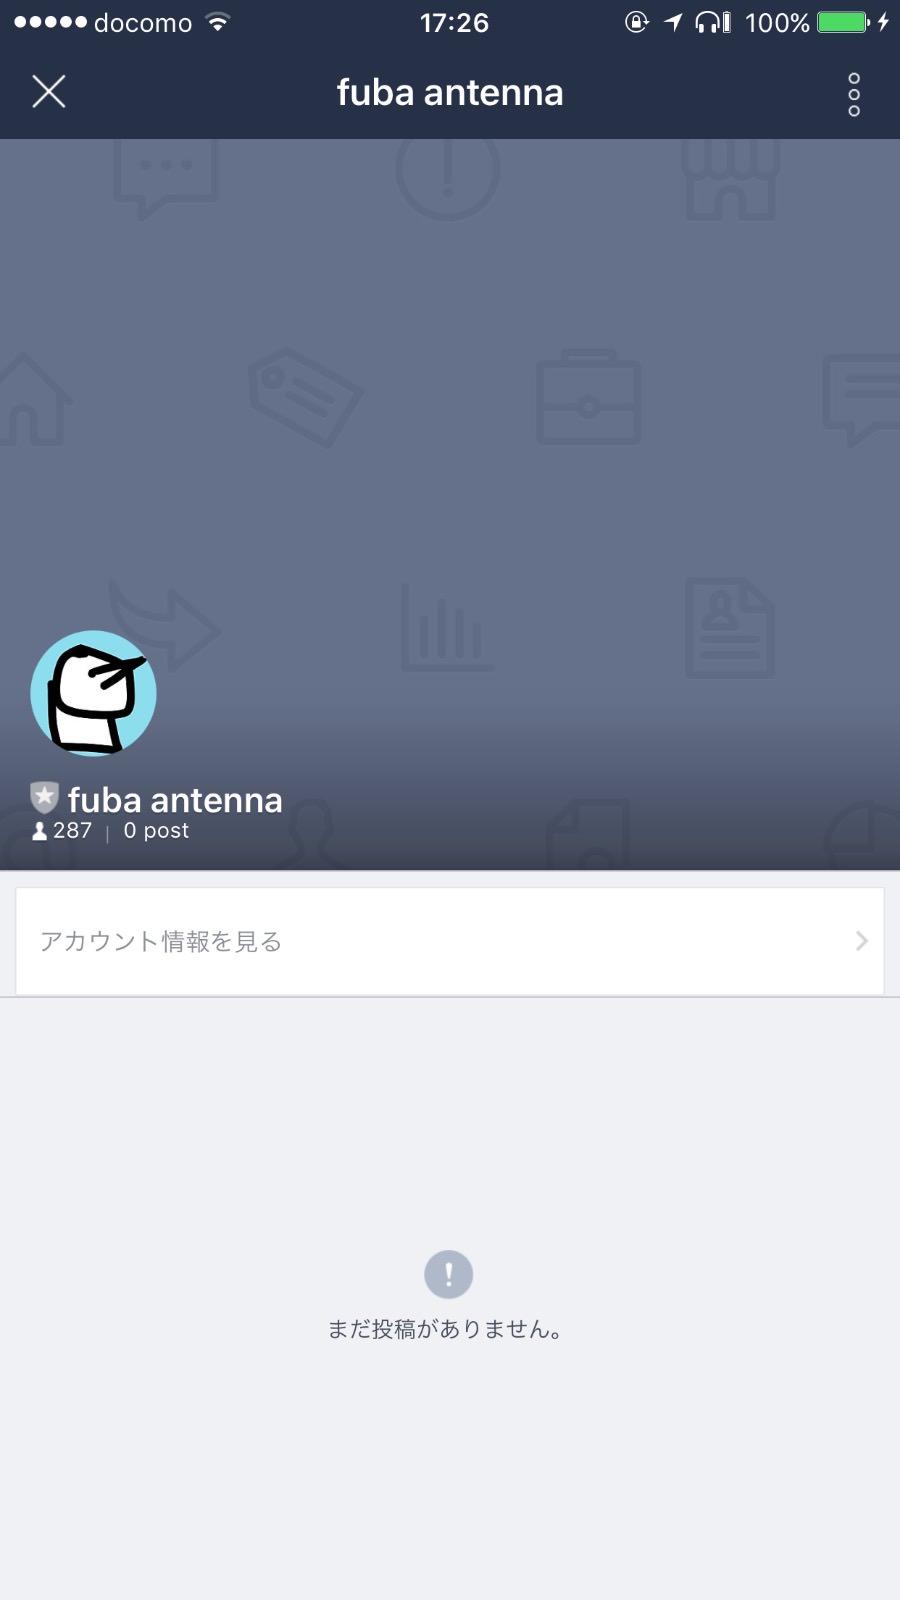 ある特定のサイトが更新された通知をLINEで受け取るために「fuba antenna」を設定してみた